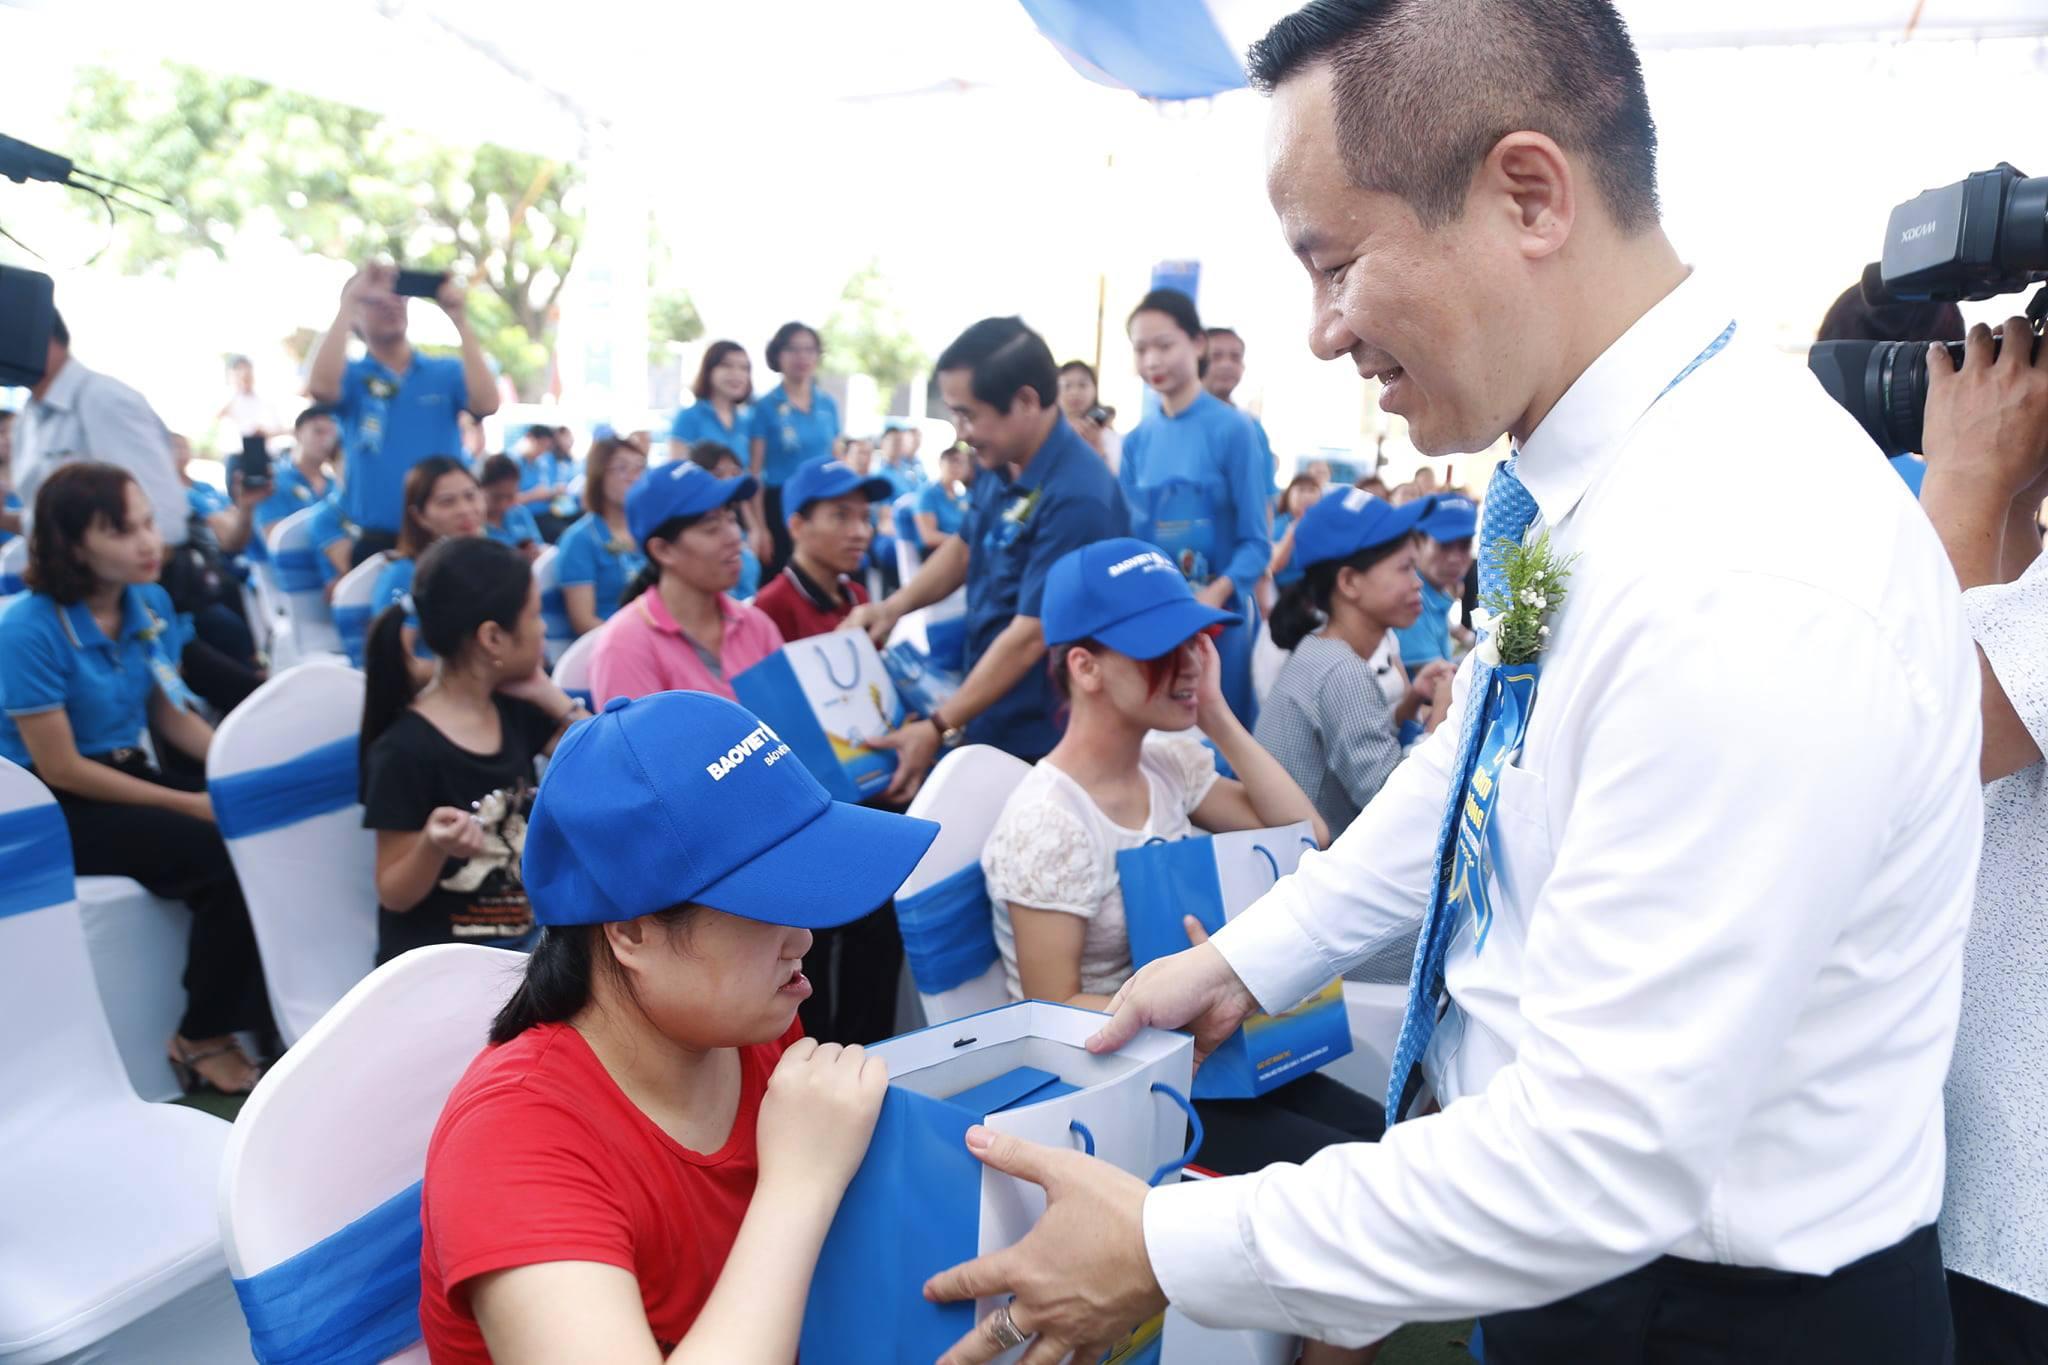 Bảo Việt Nhân thọ đầu tư 3 tỷ đồng xây dựng Trung tâm tẩy độc cho nạn nhân chất độc da cam tại tỉnh Thái Bình  - Ảnh 2